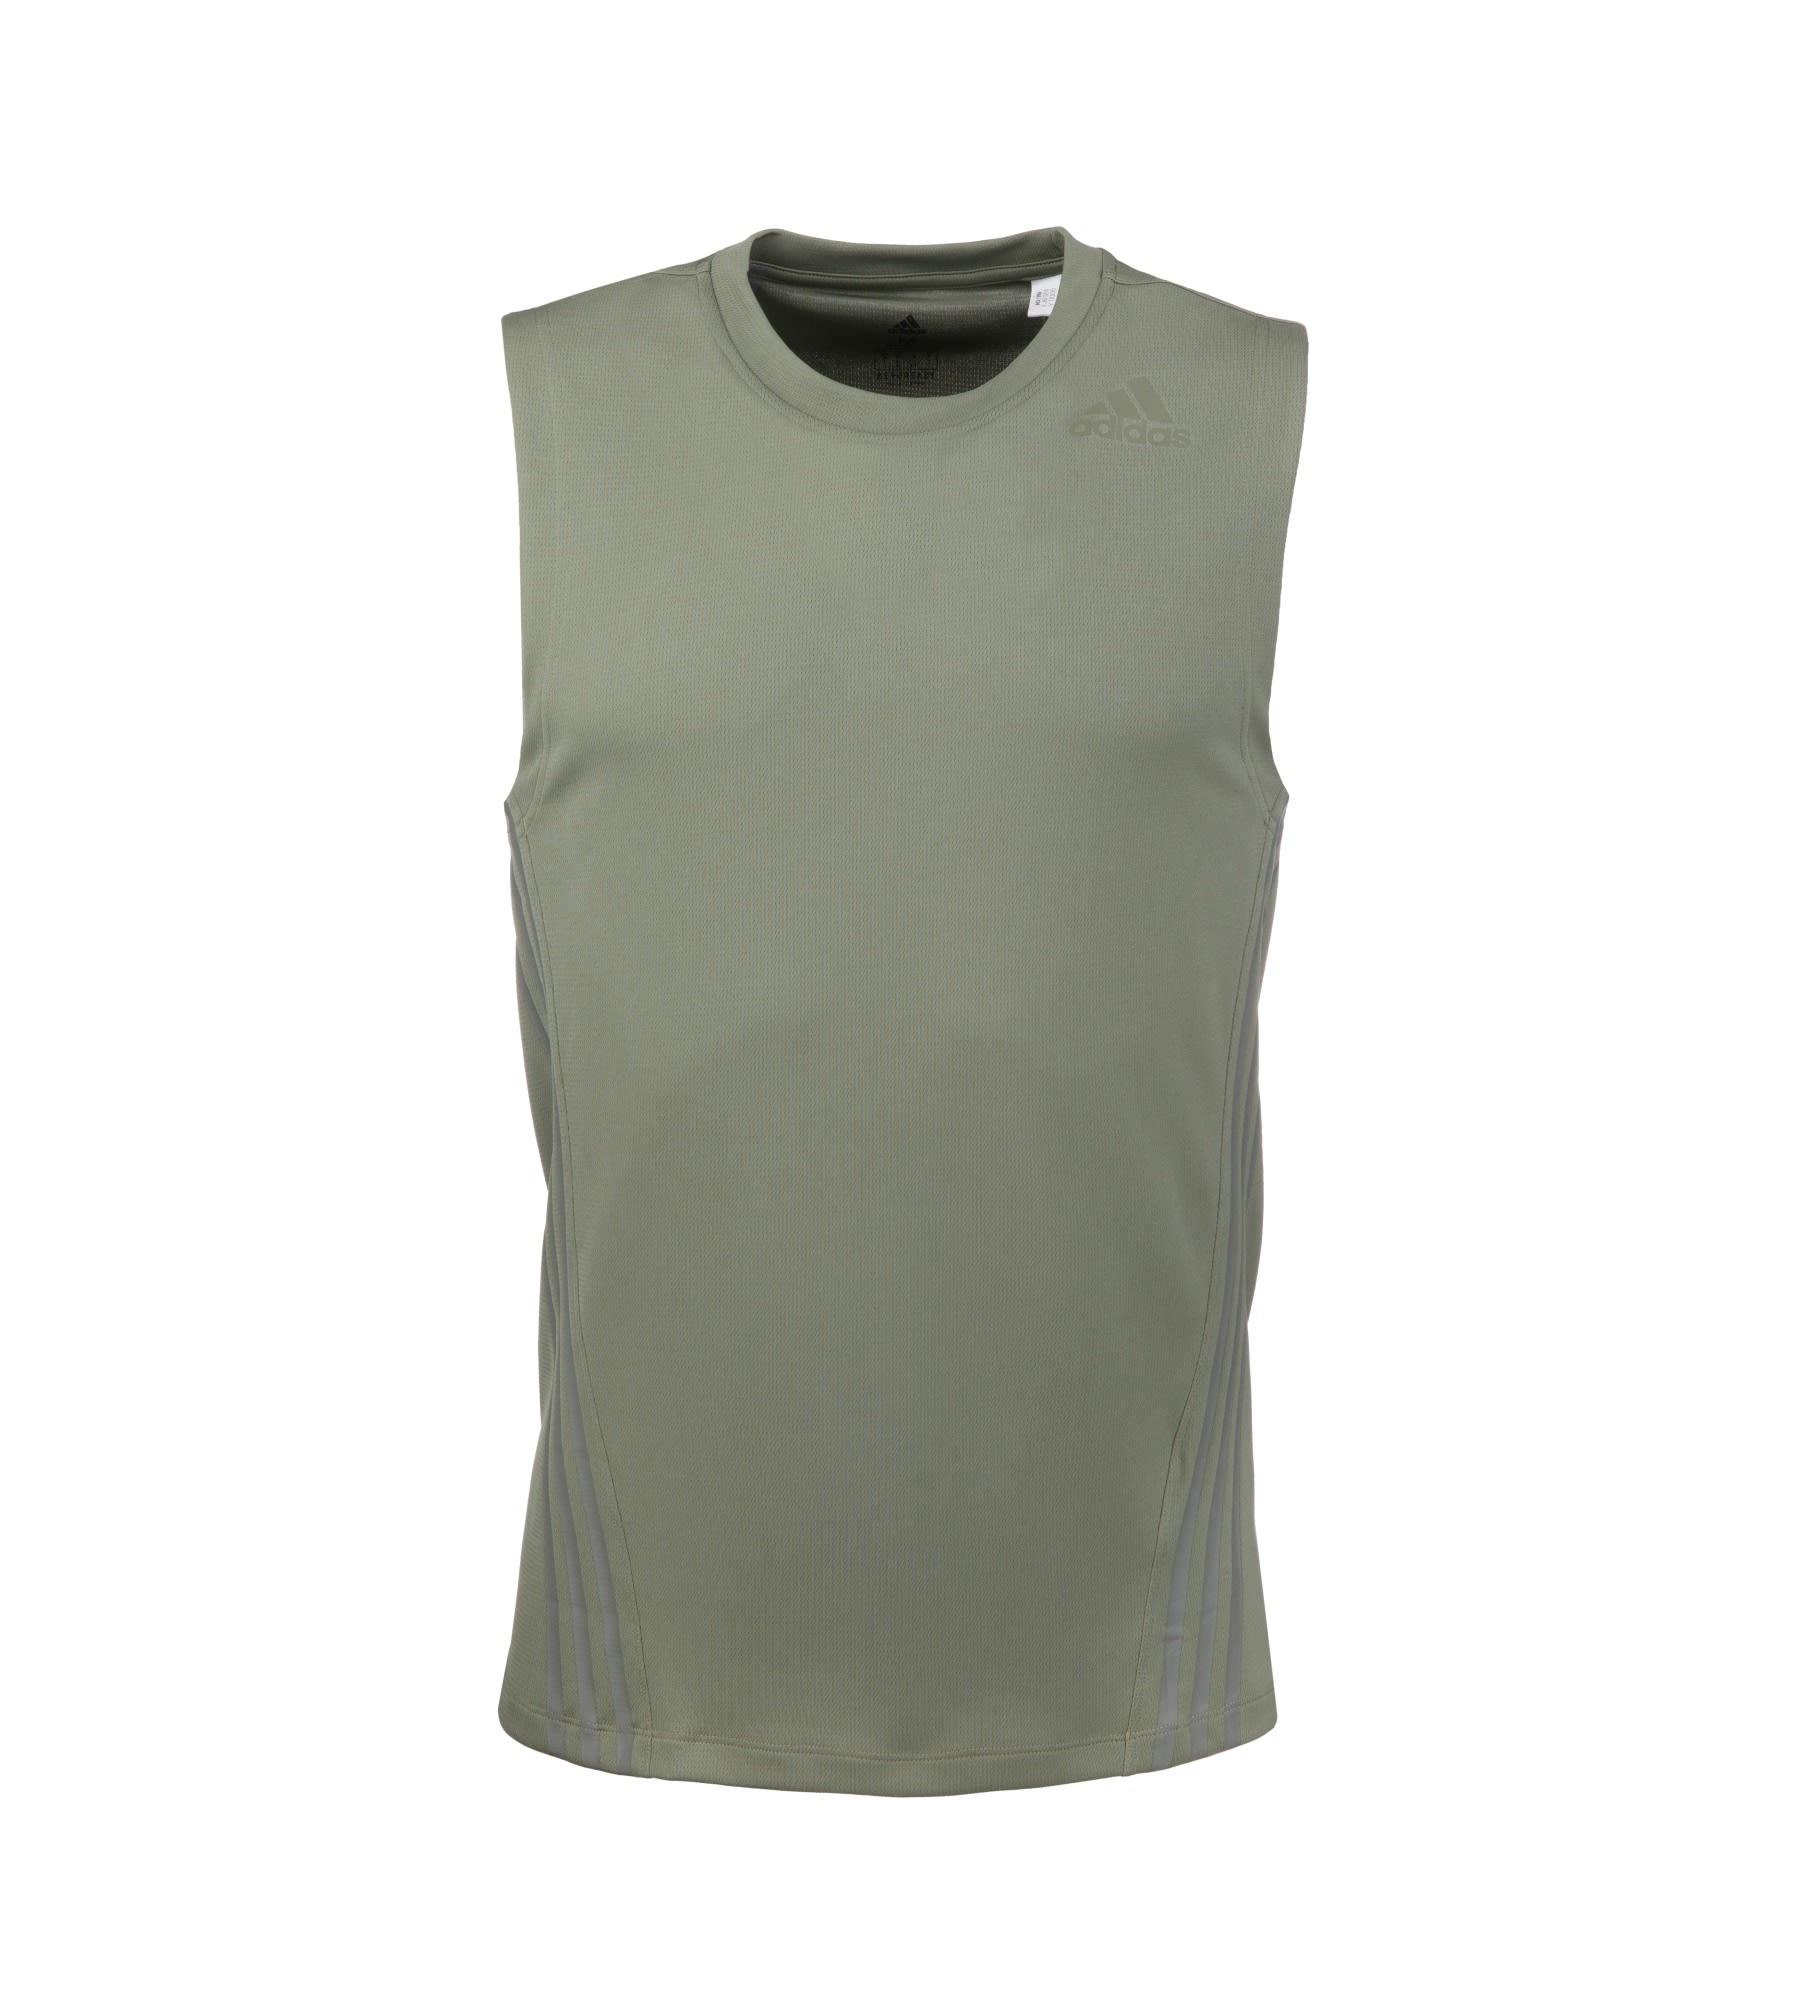 Pro Sleeveless Top, miesten hihaton paita